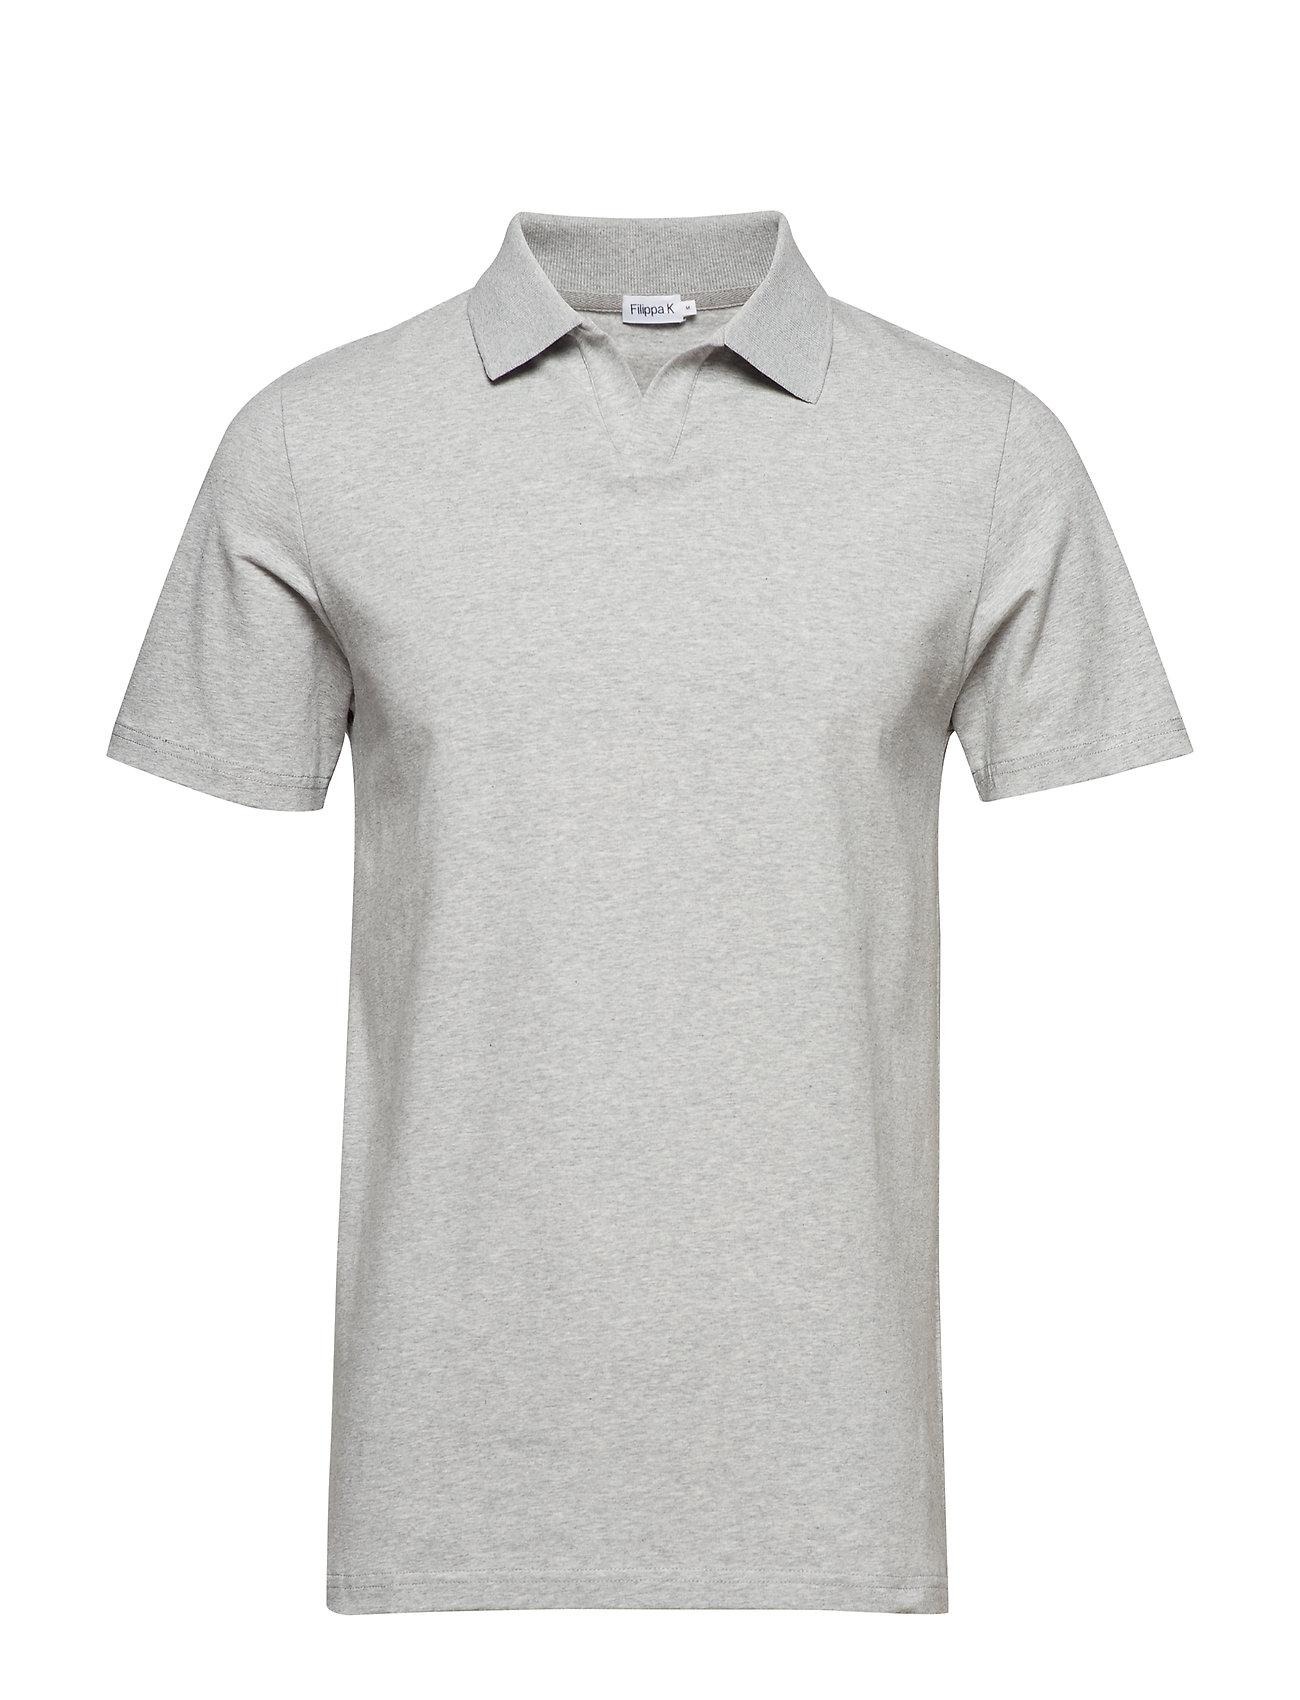 M. Lycra Polo T Shirt